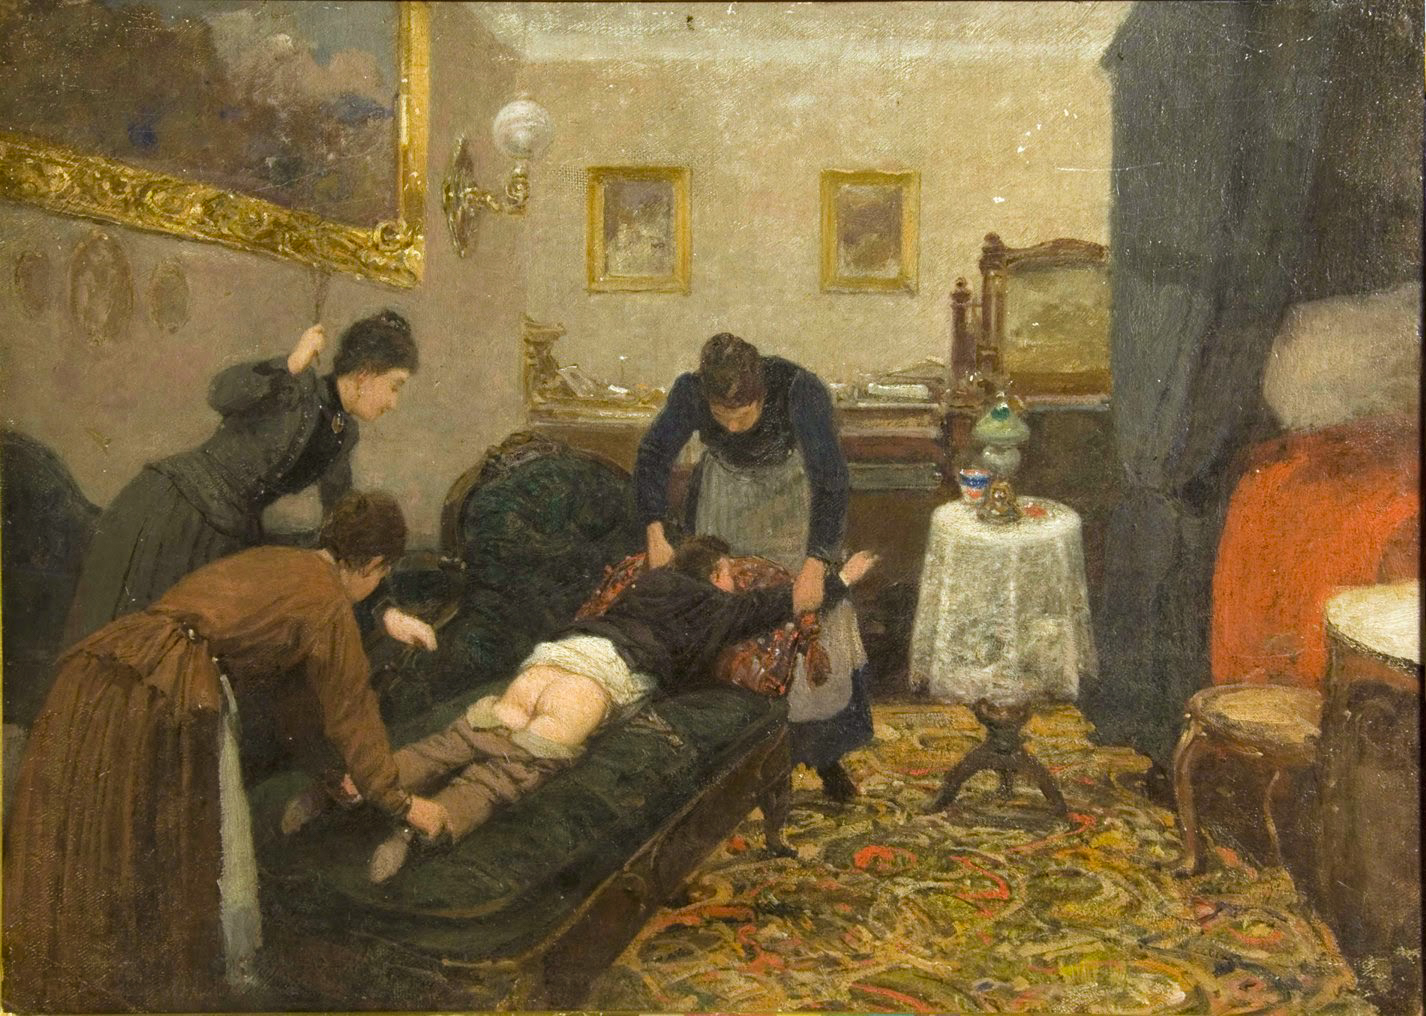 Павел Ковалевский. Порка. 1880